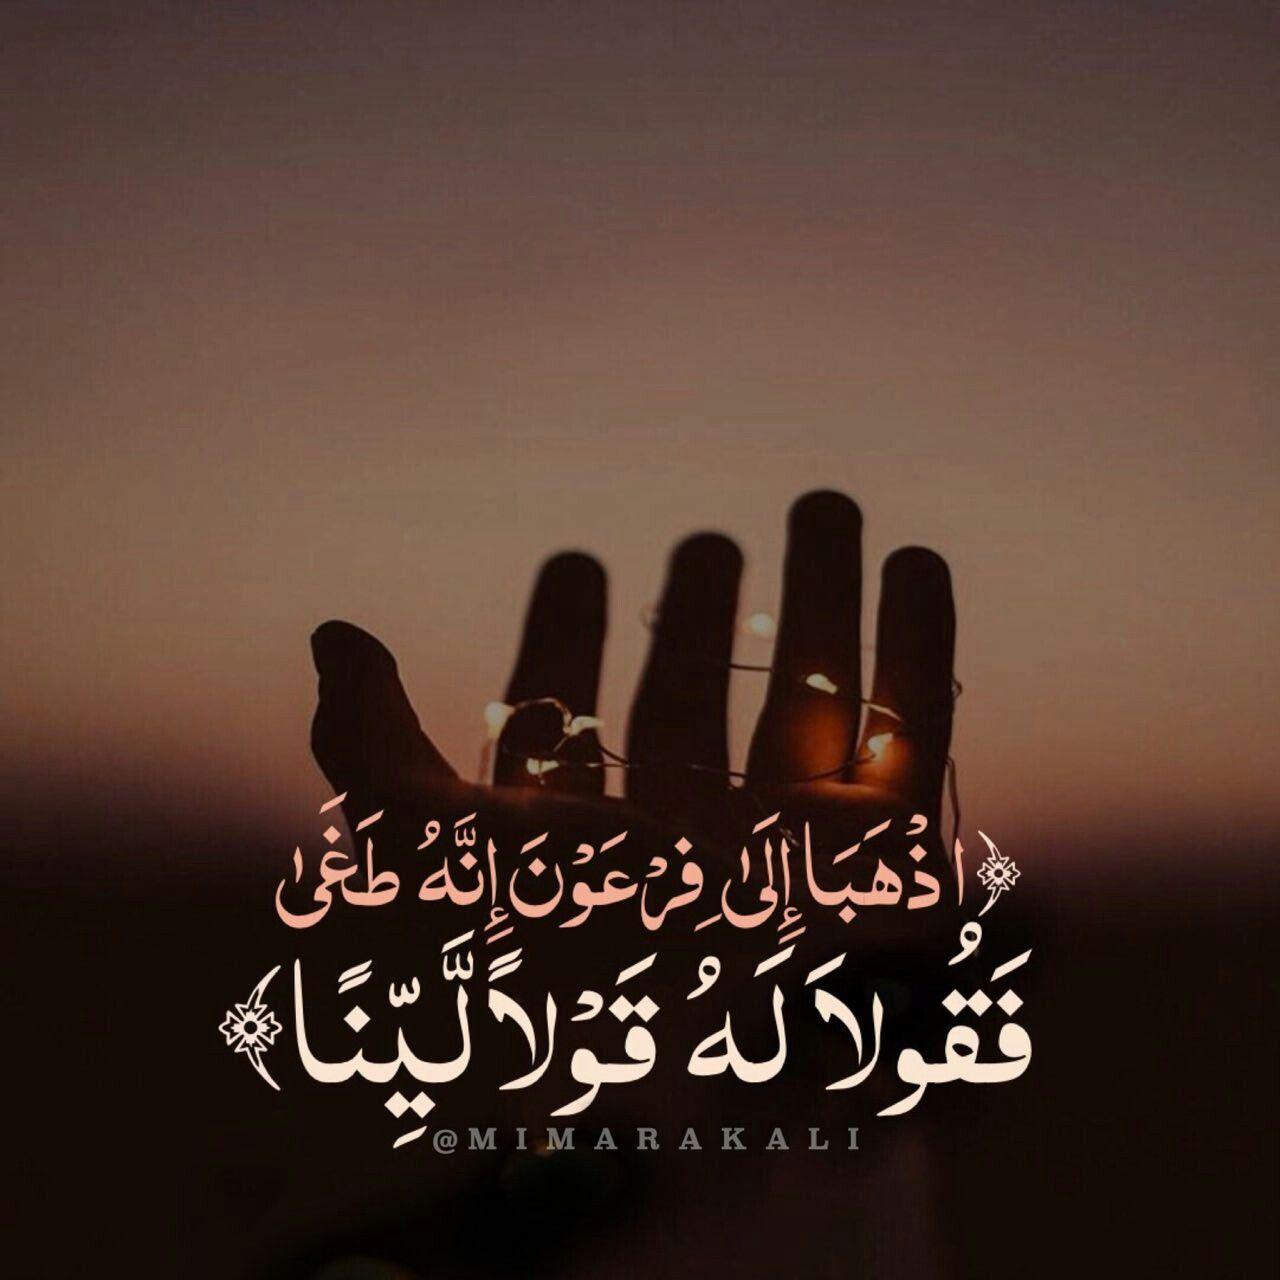 يارب رحمتك Holy Quran Allah Love Quran